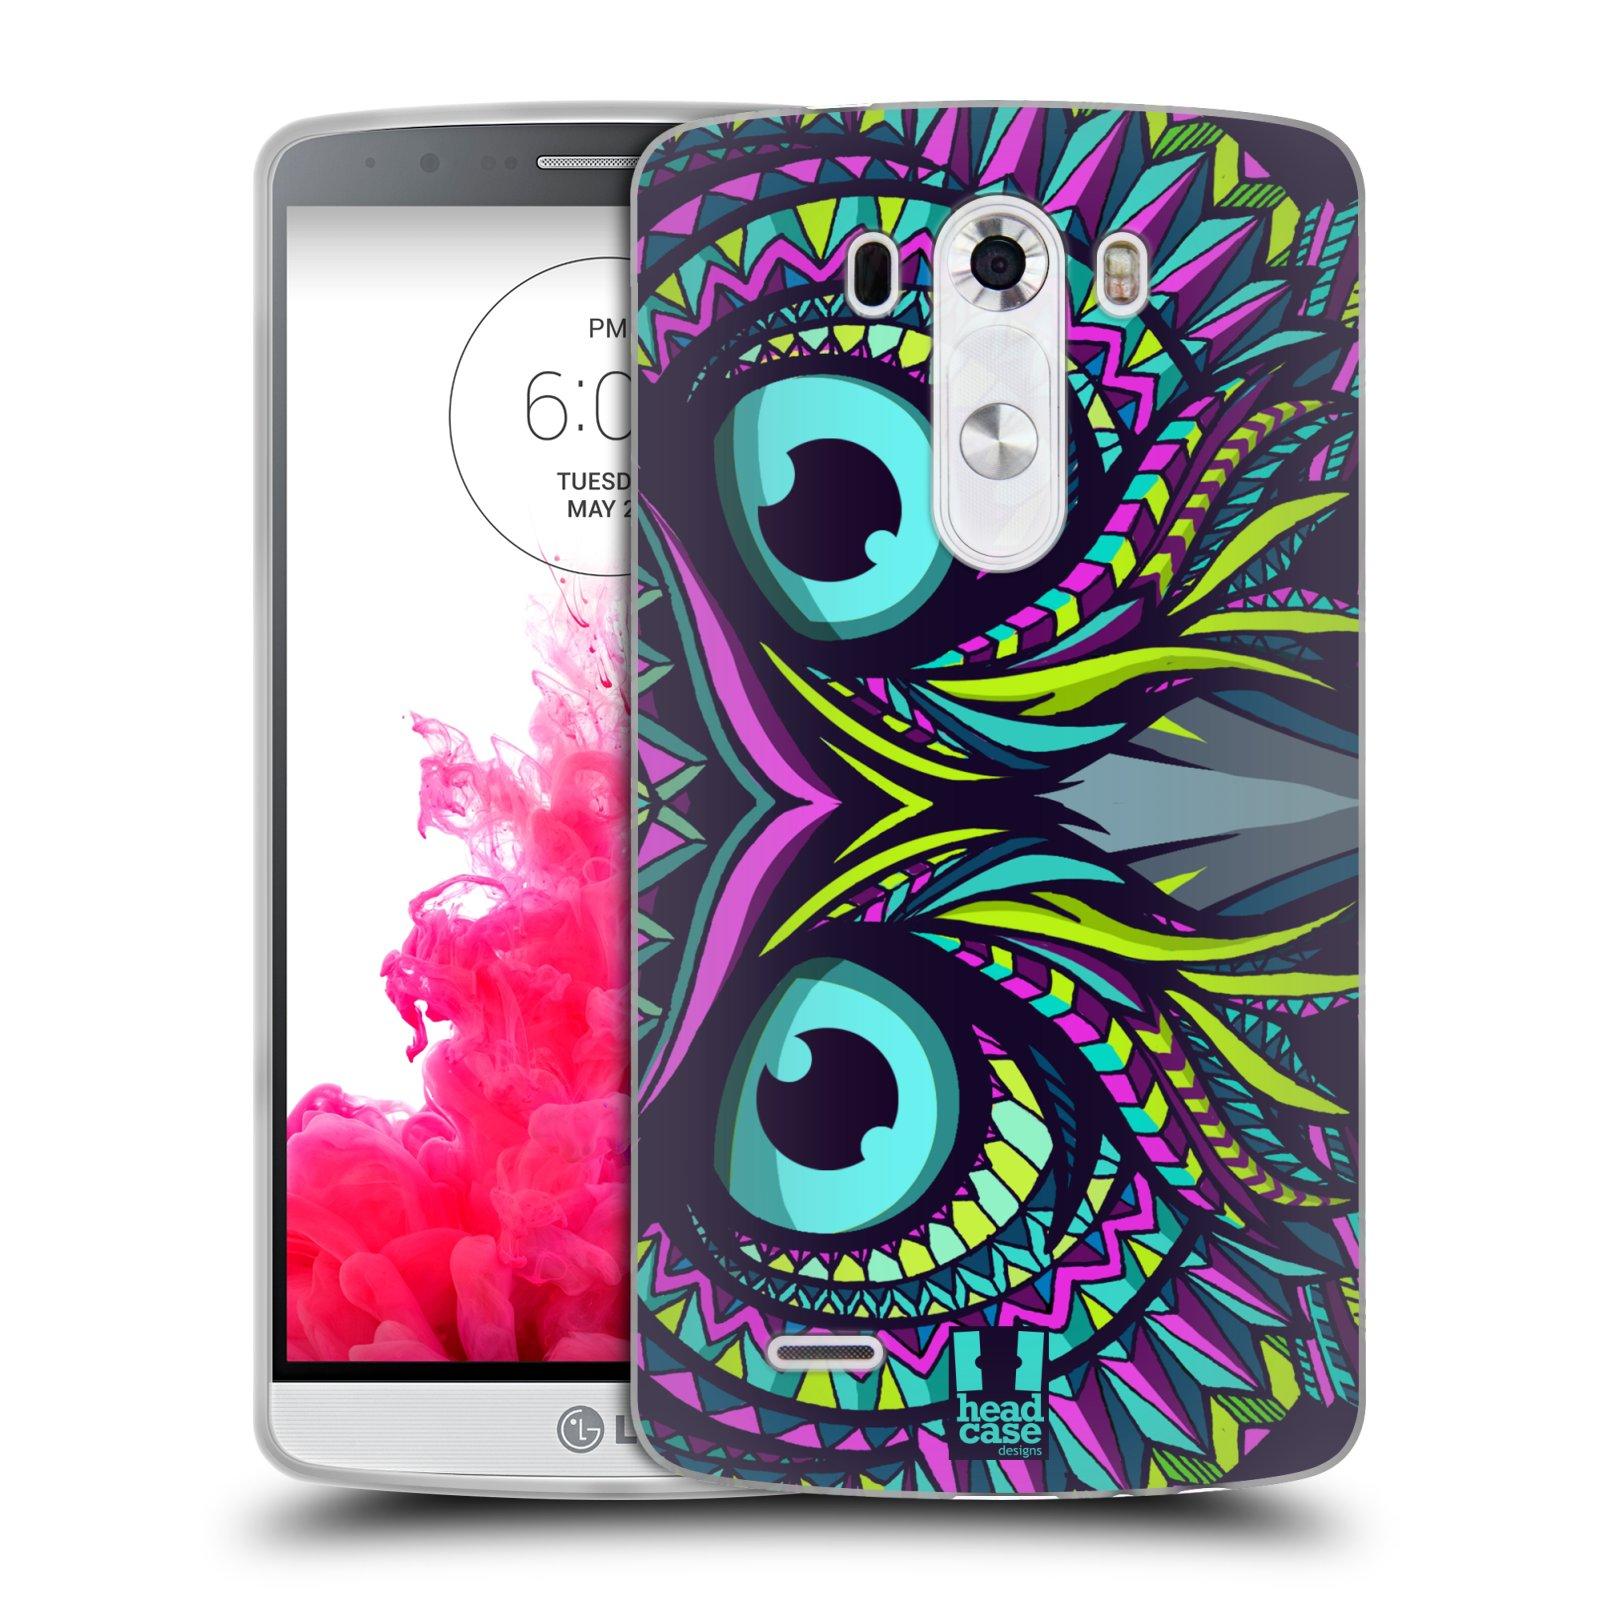 Silikonové pouzdro na mobil LG G3 HEAD CASE AZTEC SOVA (Silikonový kryt či obal na mobilní telefon LG G3 D855)